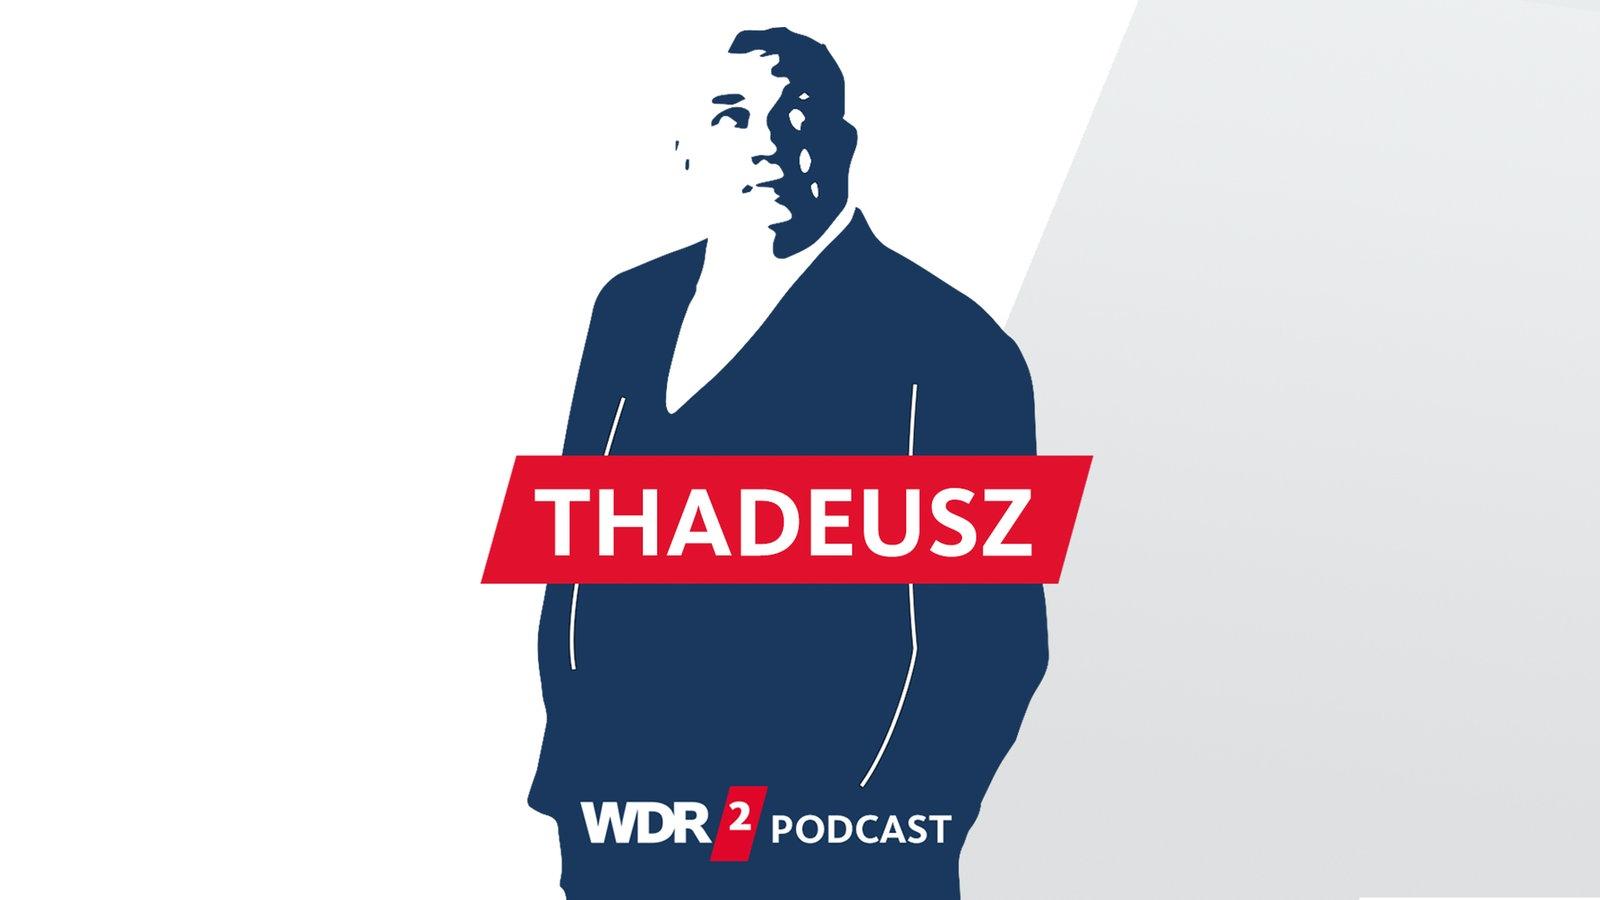 Thadeusz Mediathek